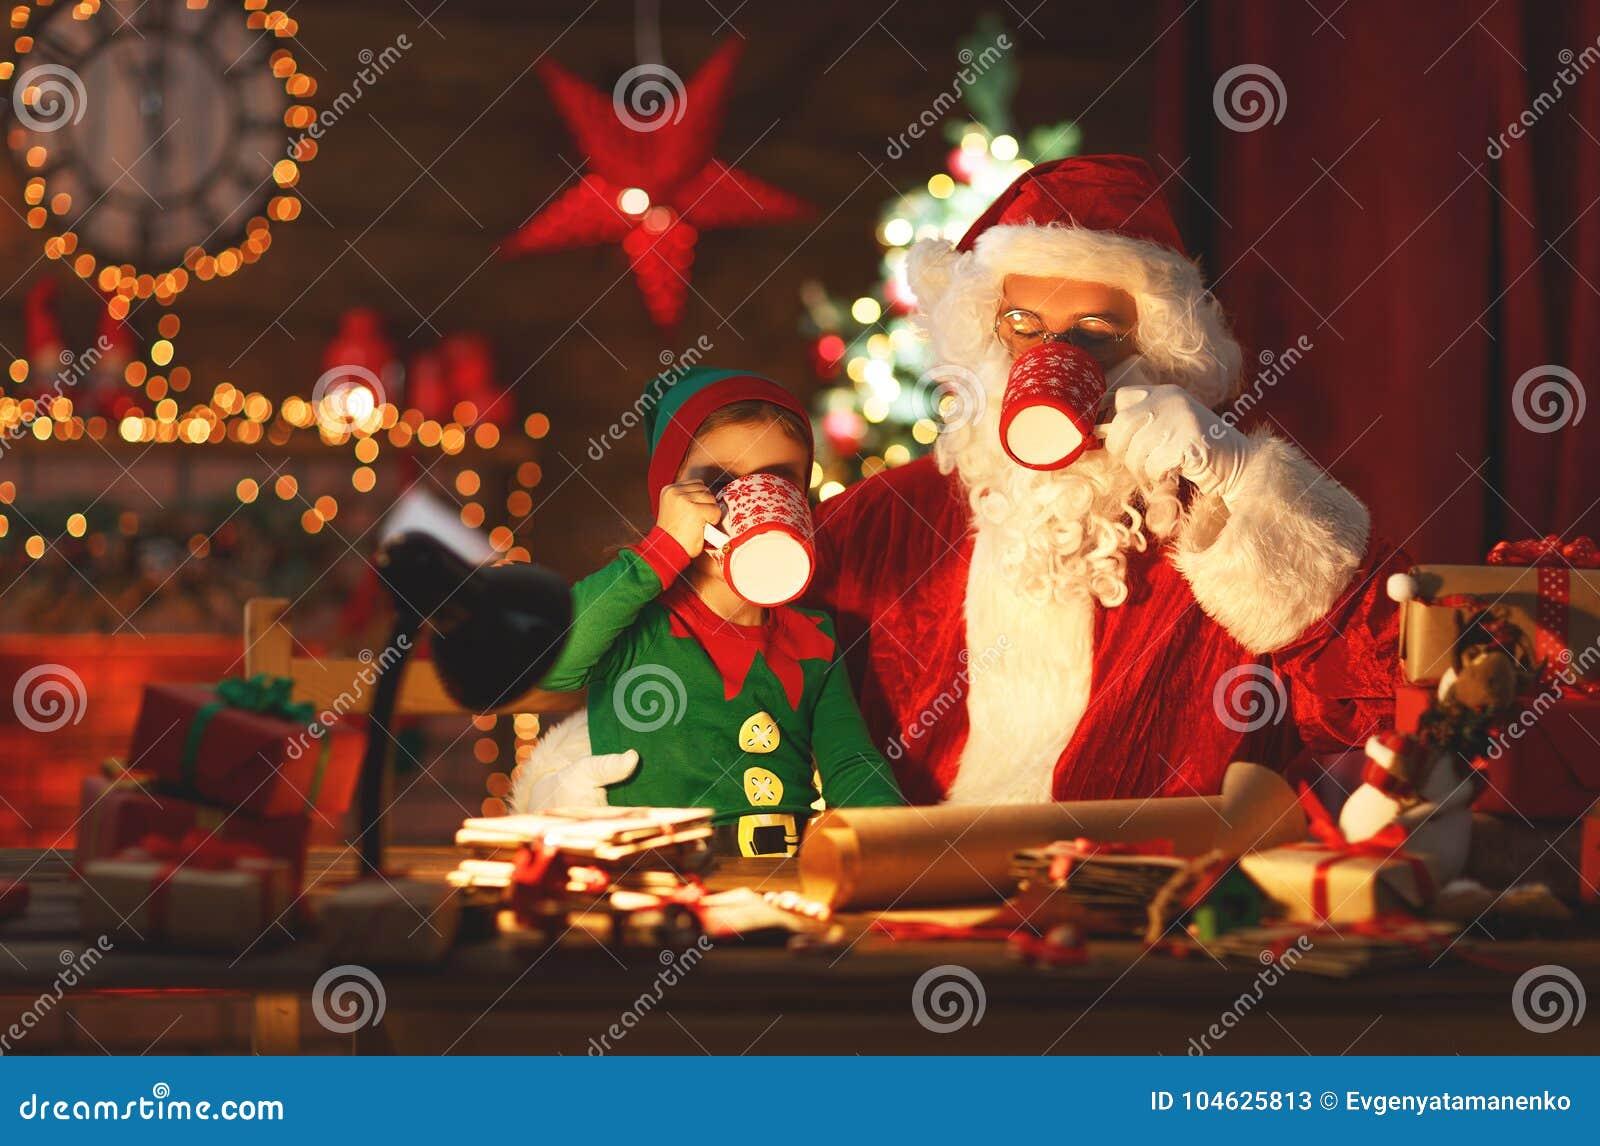 Download Kerstmis Santa Claus Met Elf Drinkt Melk En Eet Koekjes Stock Afbeelding - Afbeelding bestaande uit vrolijk, magisch: 104625813